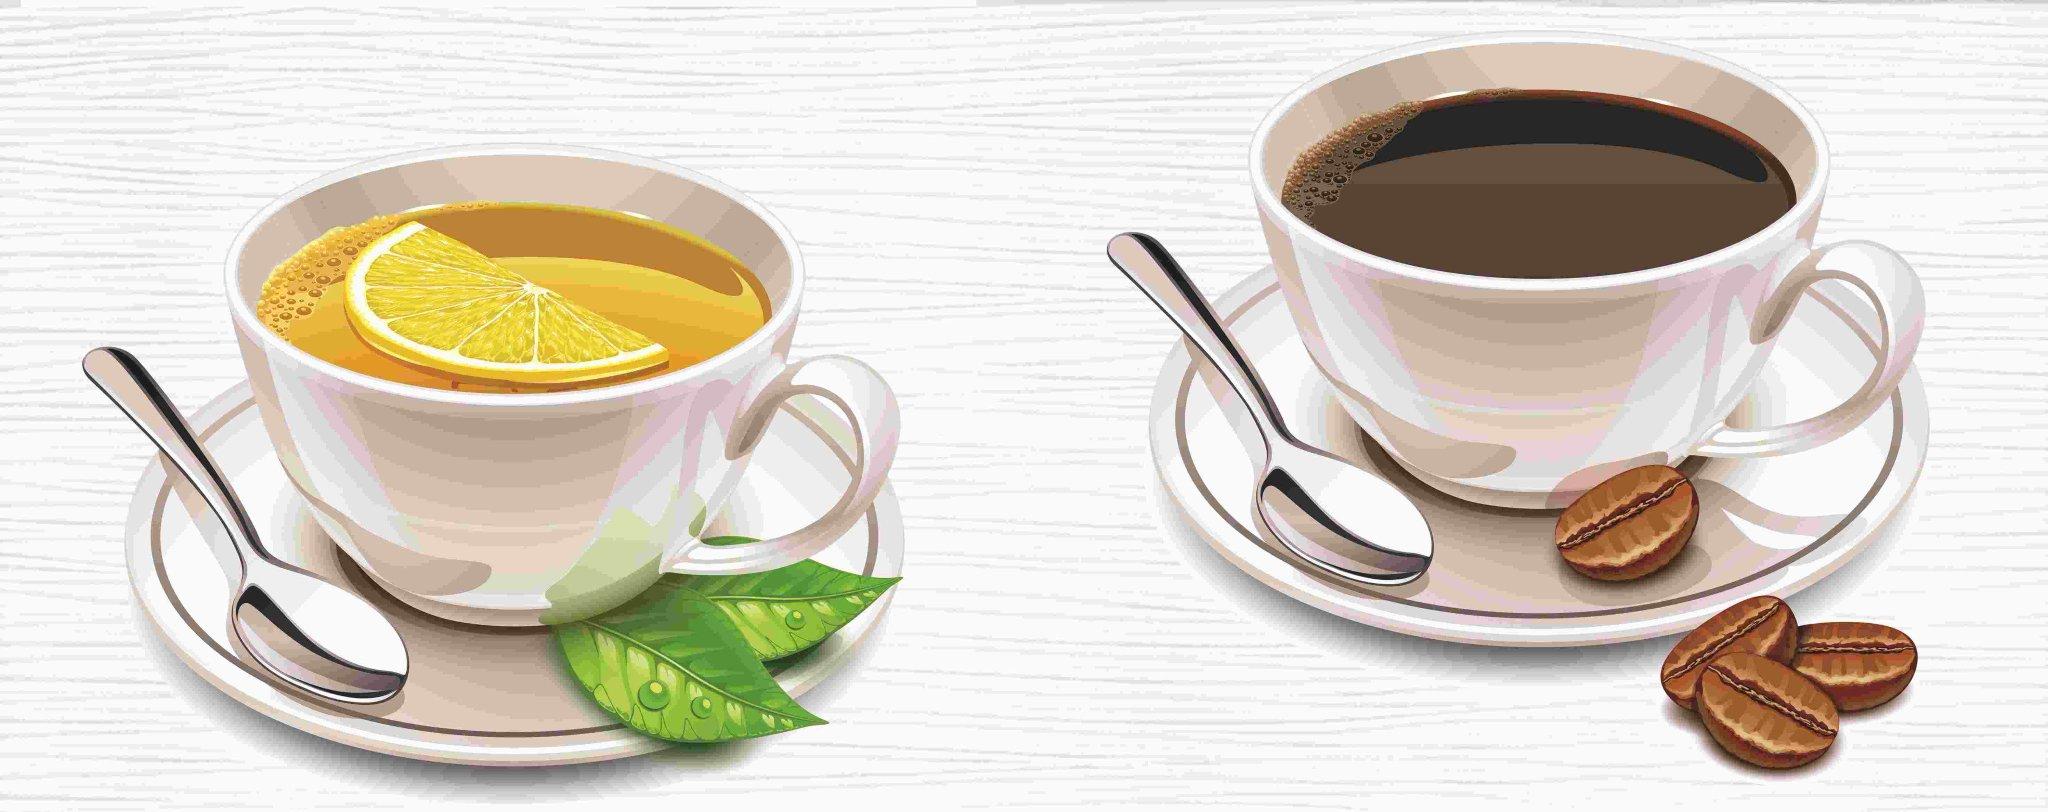 Картинки с изображением кофе и чая, добрым